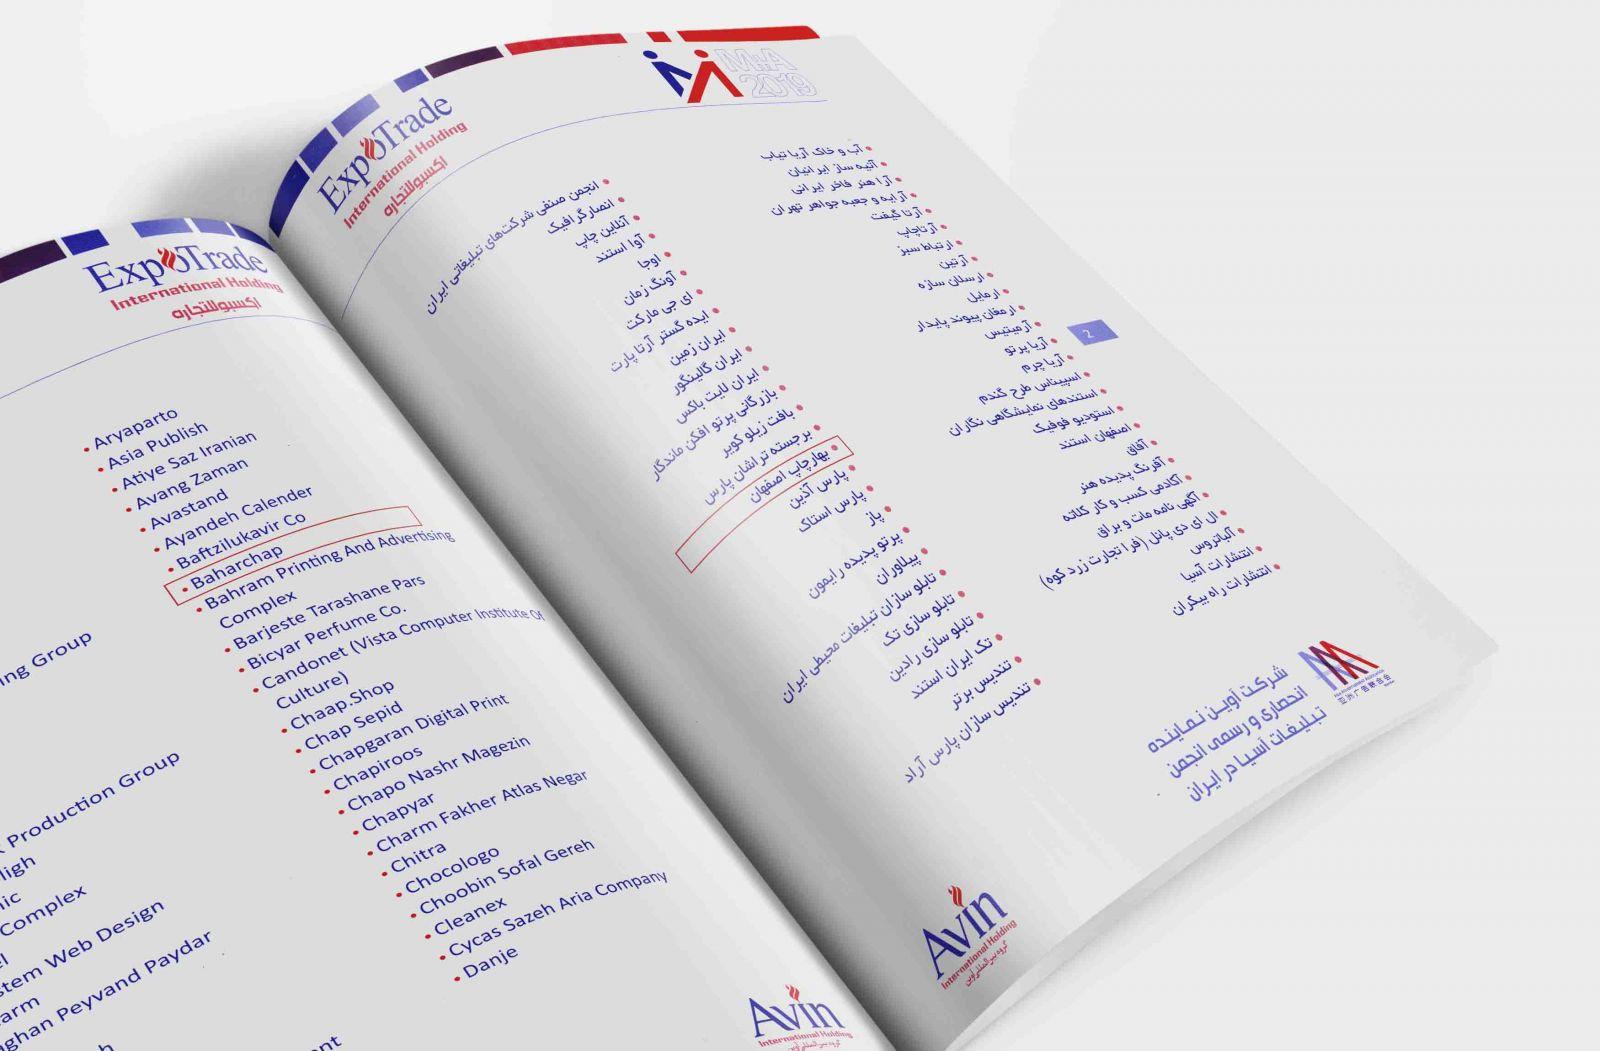 چاپ اسم بهارچاپ اصفهان در کتاب رسمی نمایشگاه بین المللی تهران